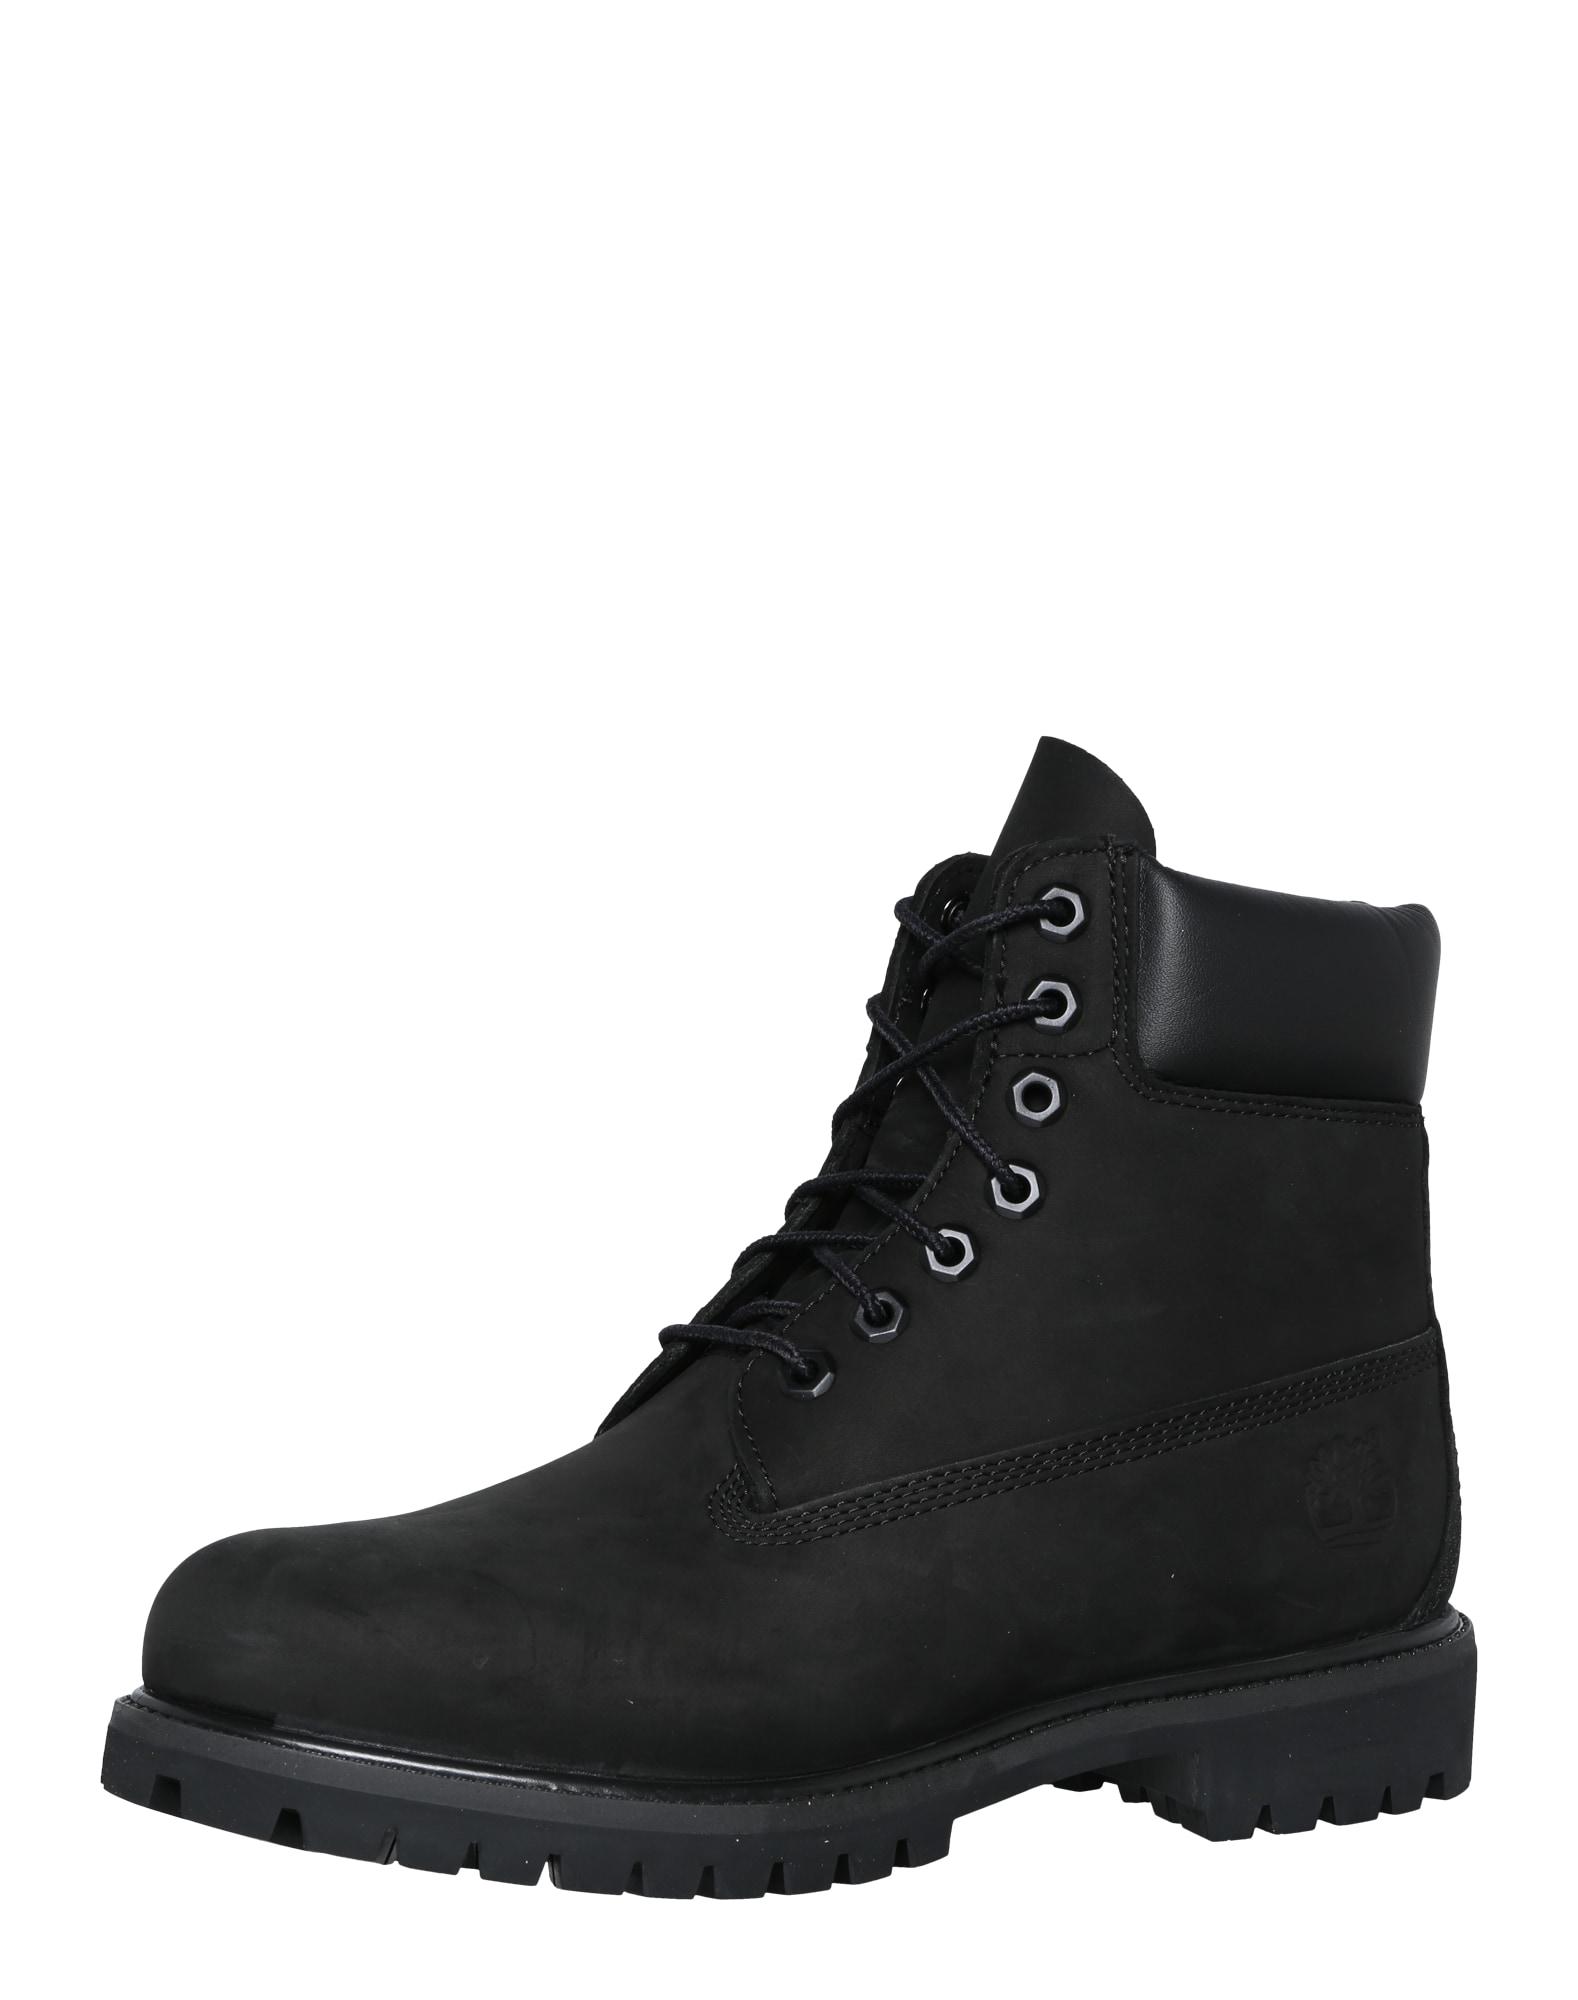 Šněrovací boty AF 6IN Premium Boot černá TIMBERLAND